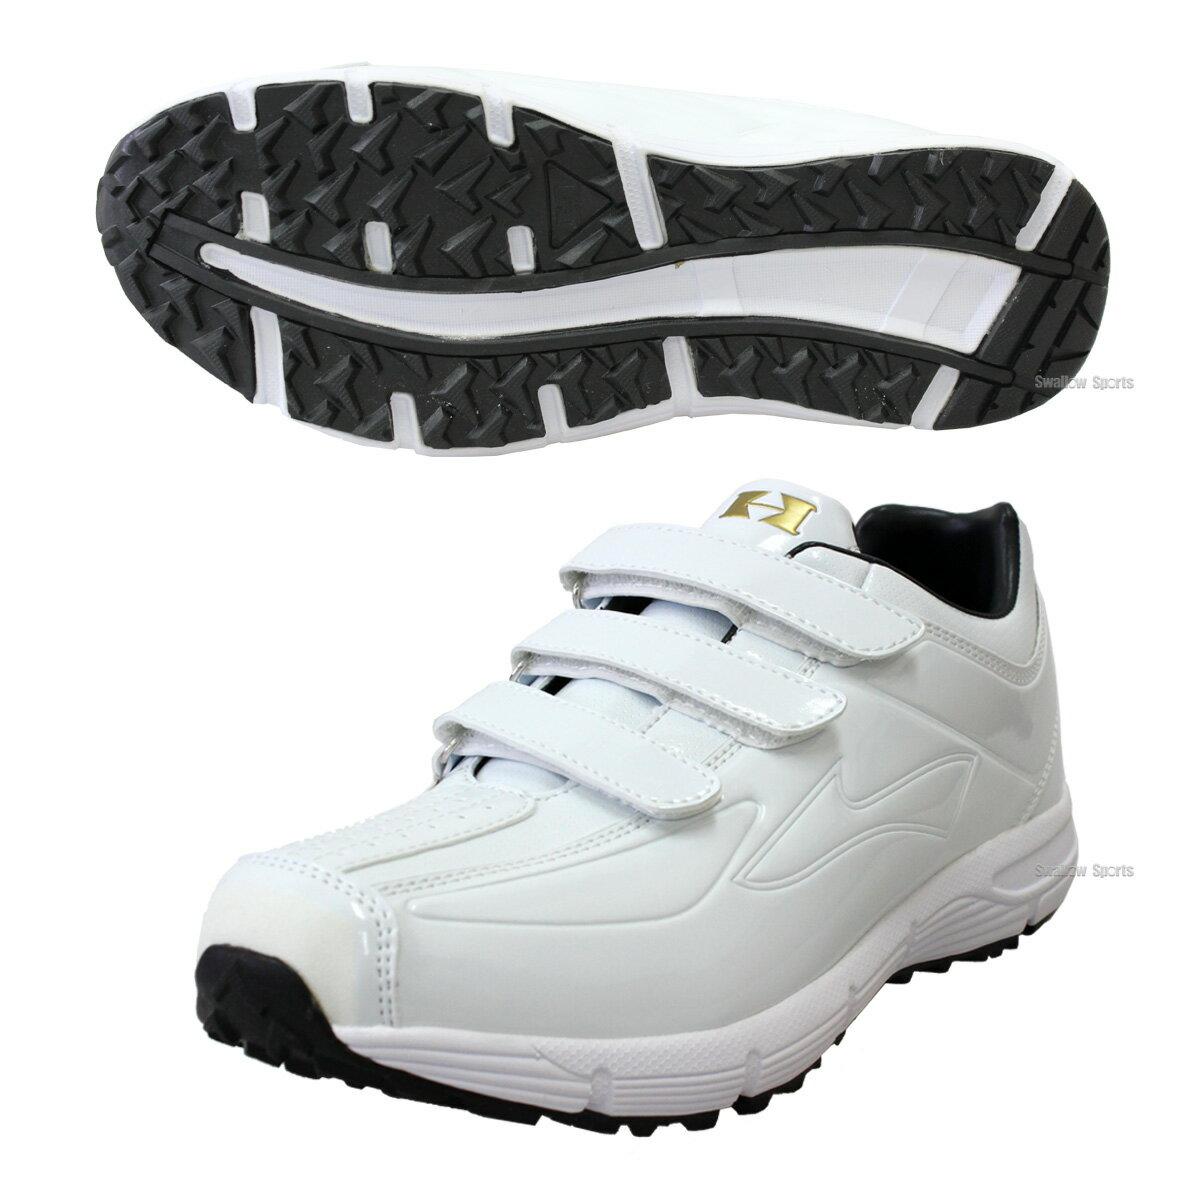 ハイゴールド トレーニングシューズ アップシューズ ベルクロ マジックテープ PU-800W 靴 野球部 野球用品 スワロースポーツ